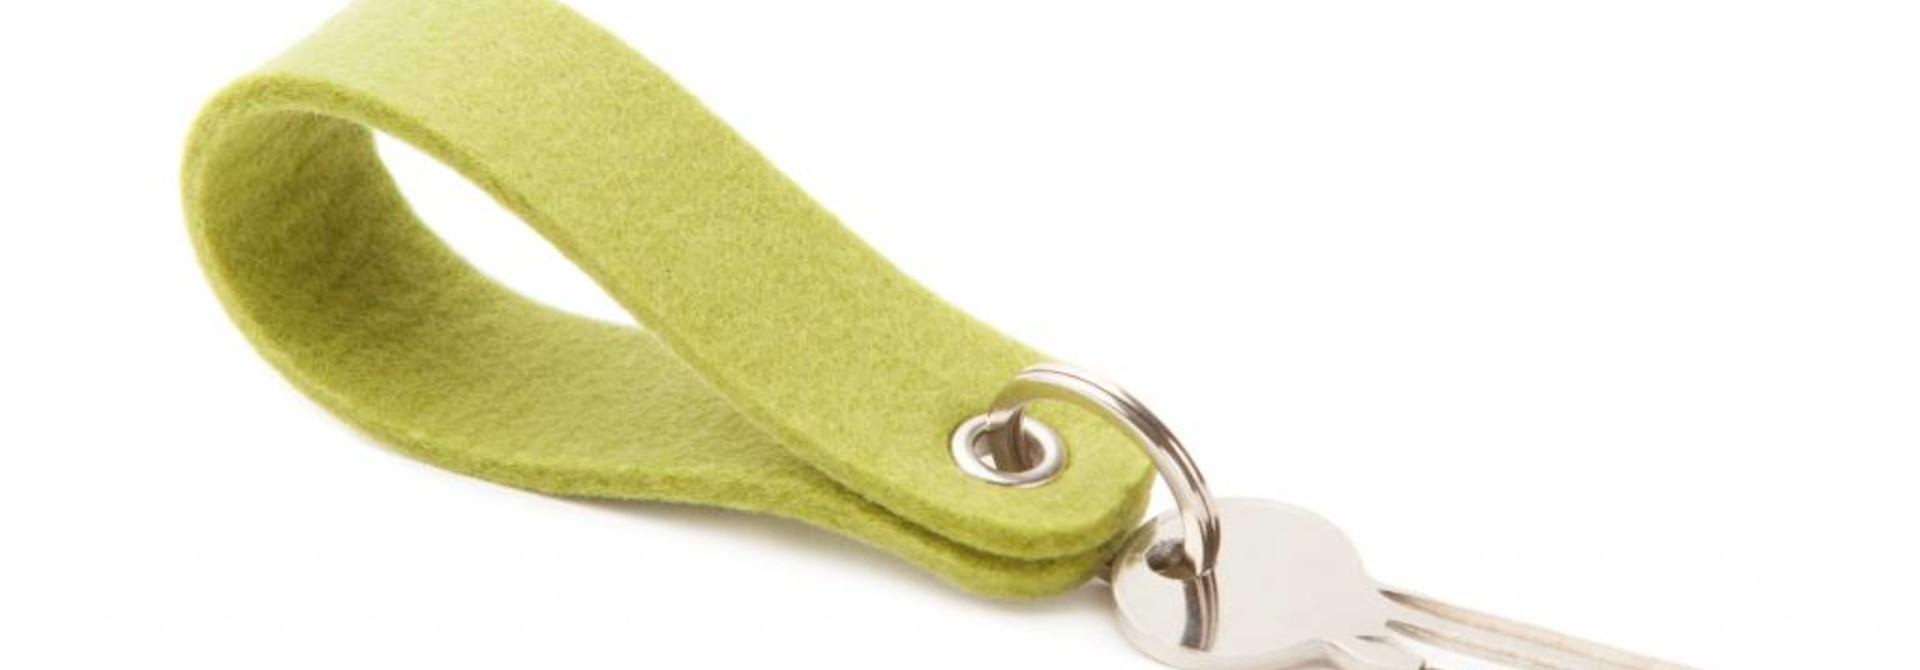 Schlüsselanhänger Lindgrün rund